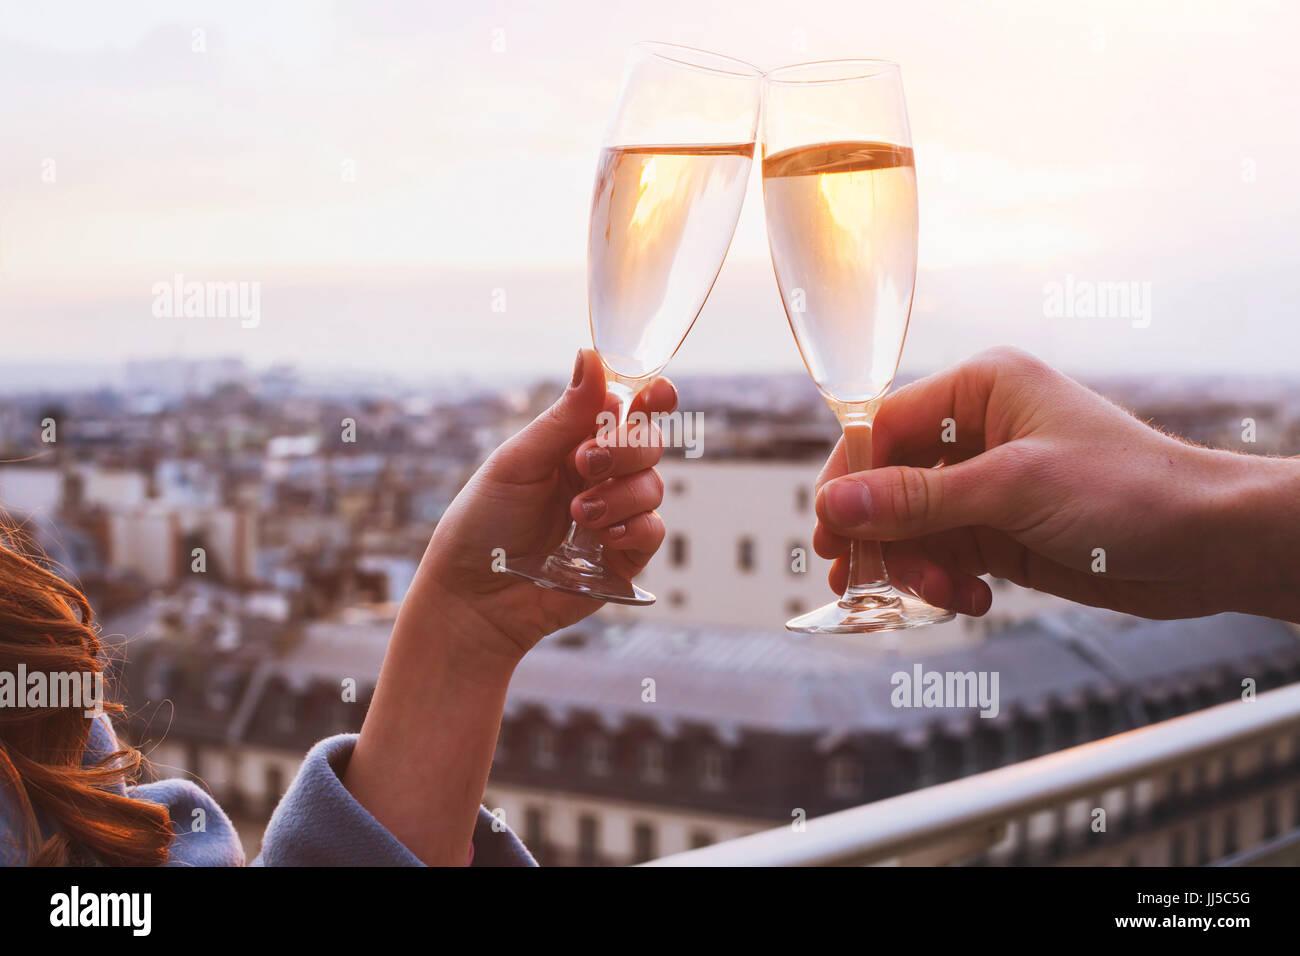 Due bicchieri di champagne o vino, giovane dating concetto, celebrazione romantica di impegno o anniversario Immagini Stock